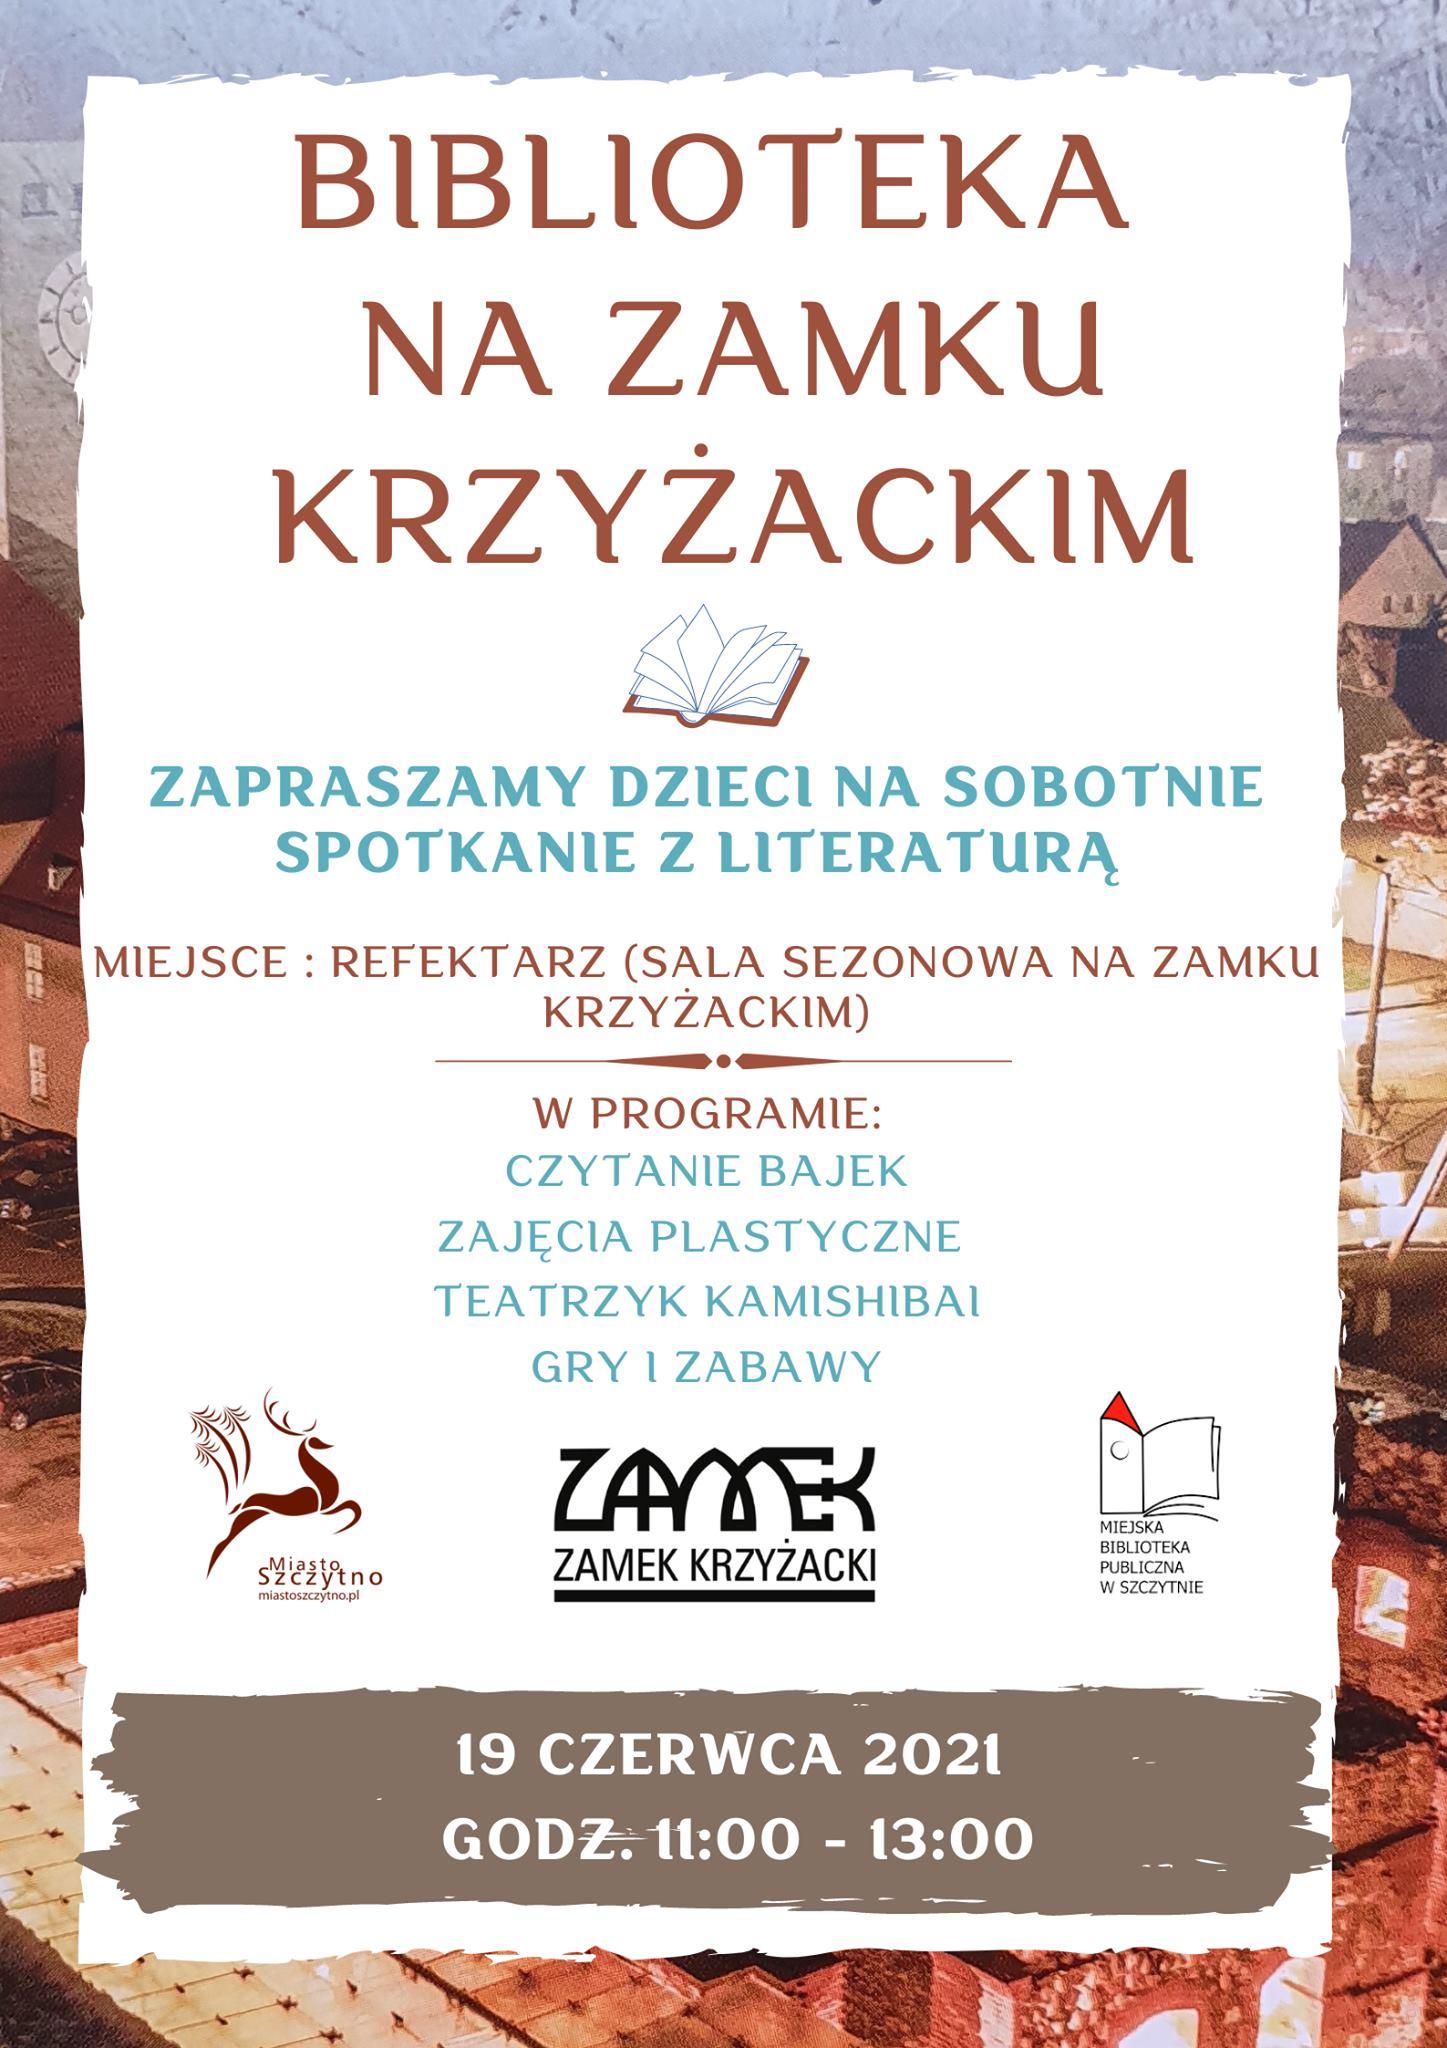 https://m.powiatszczycienski.pl/2021/06/orig/200222792-2582303948742487-4804746785765786562-n-41157.jpg